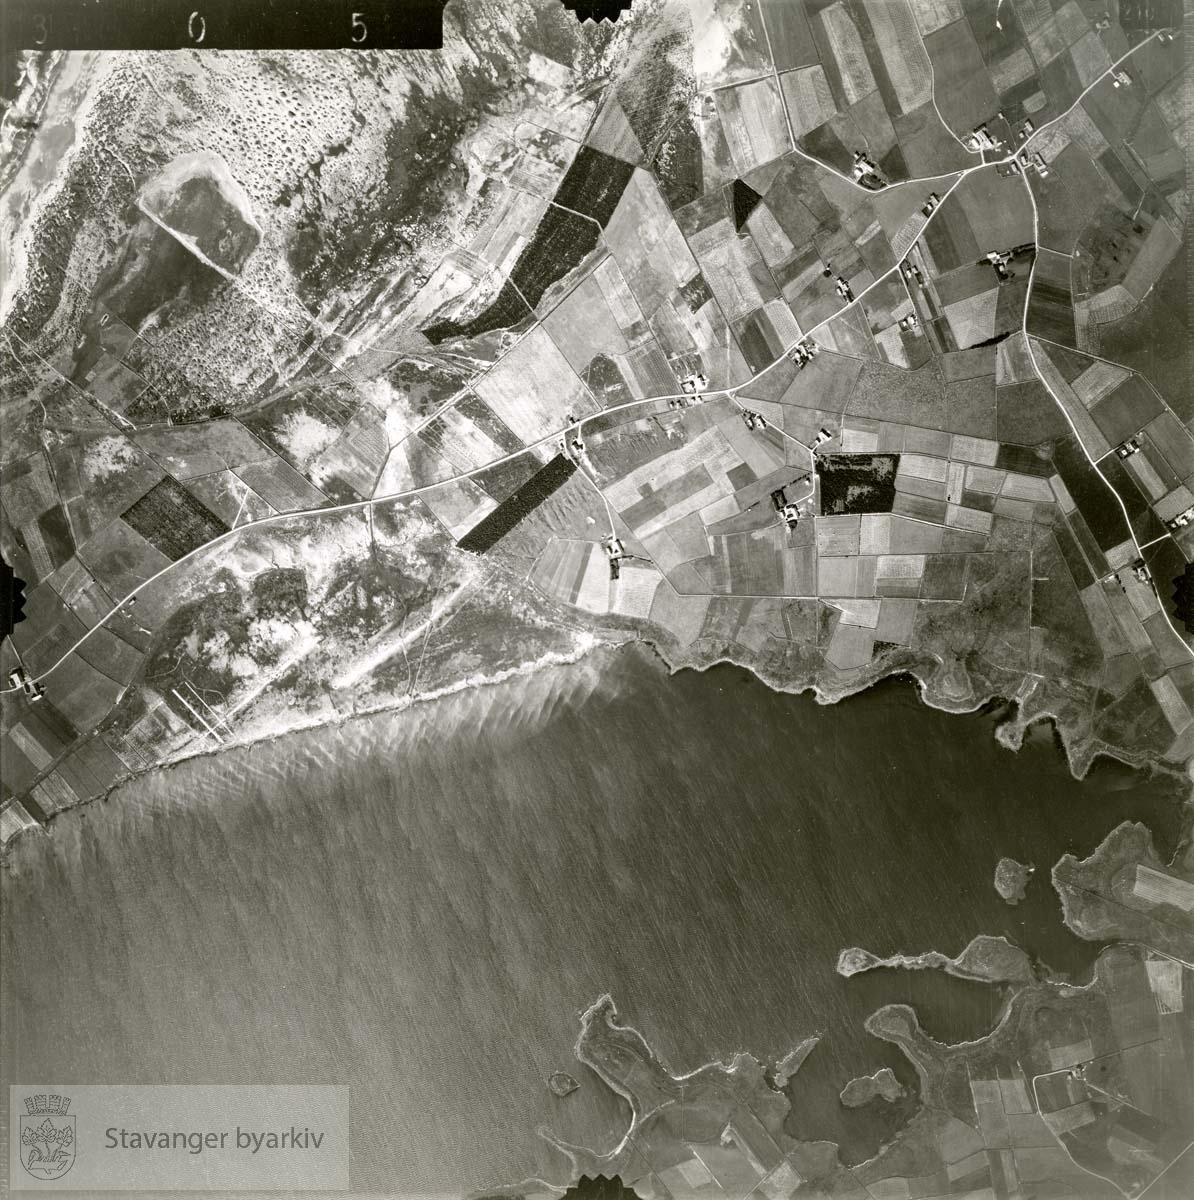 Jfr. kart/fotoplan A(III) 8/305..Orrevatnet..Se ByStW_Uca_002 (kan lastes ned under fanen for kart på Stavangerbilder)